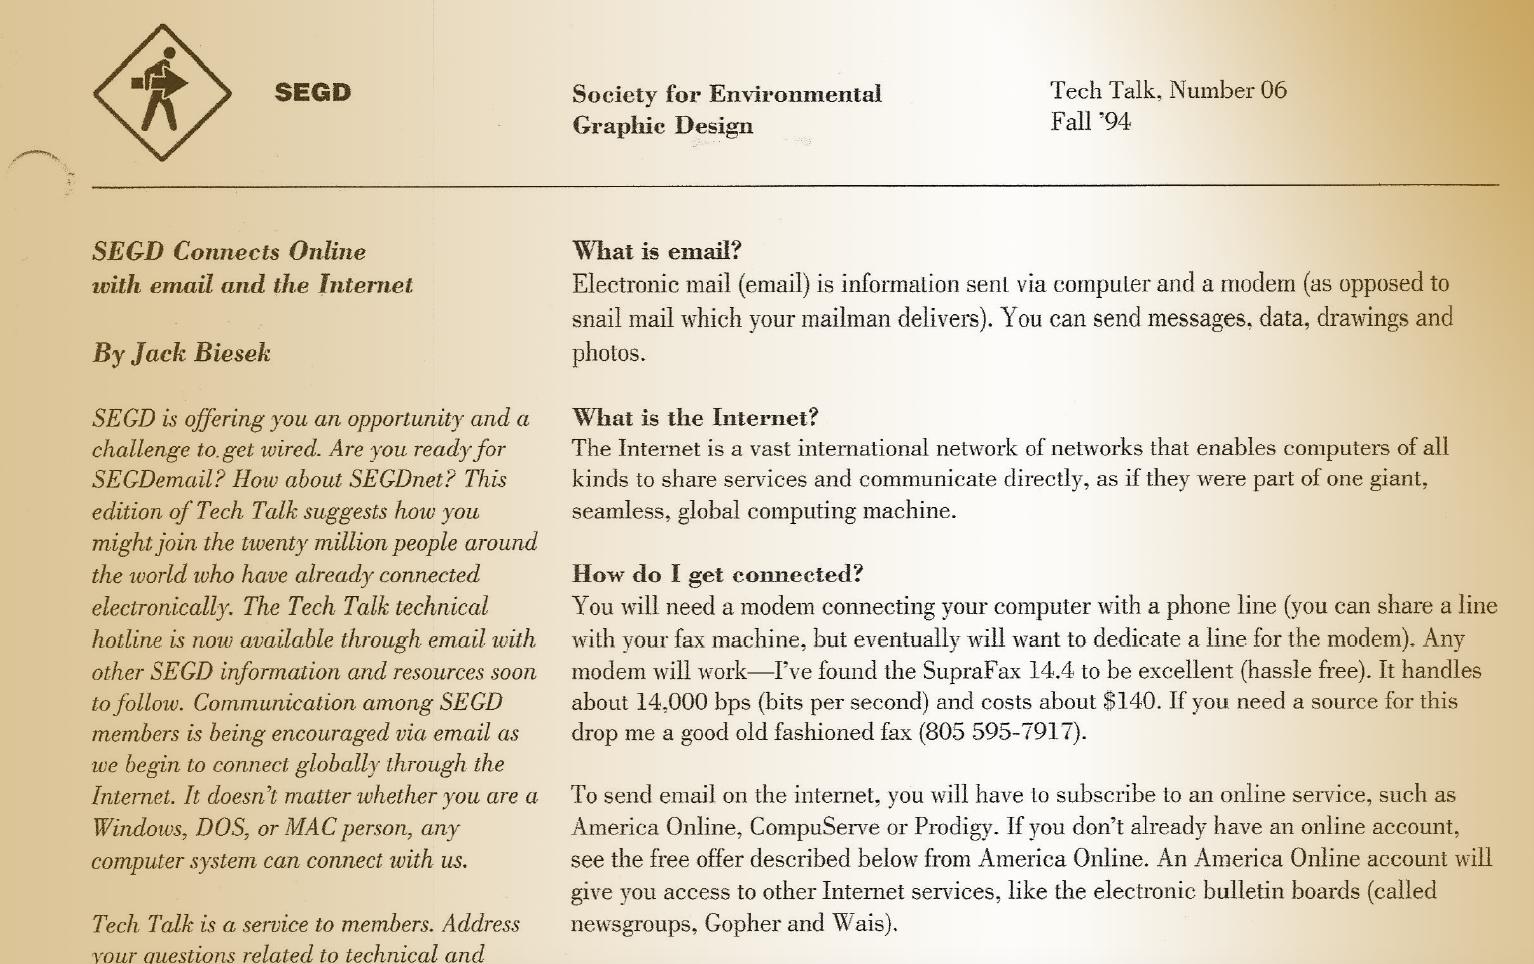 What is email by Jack Biesek